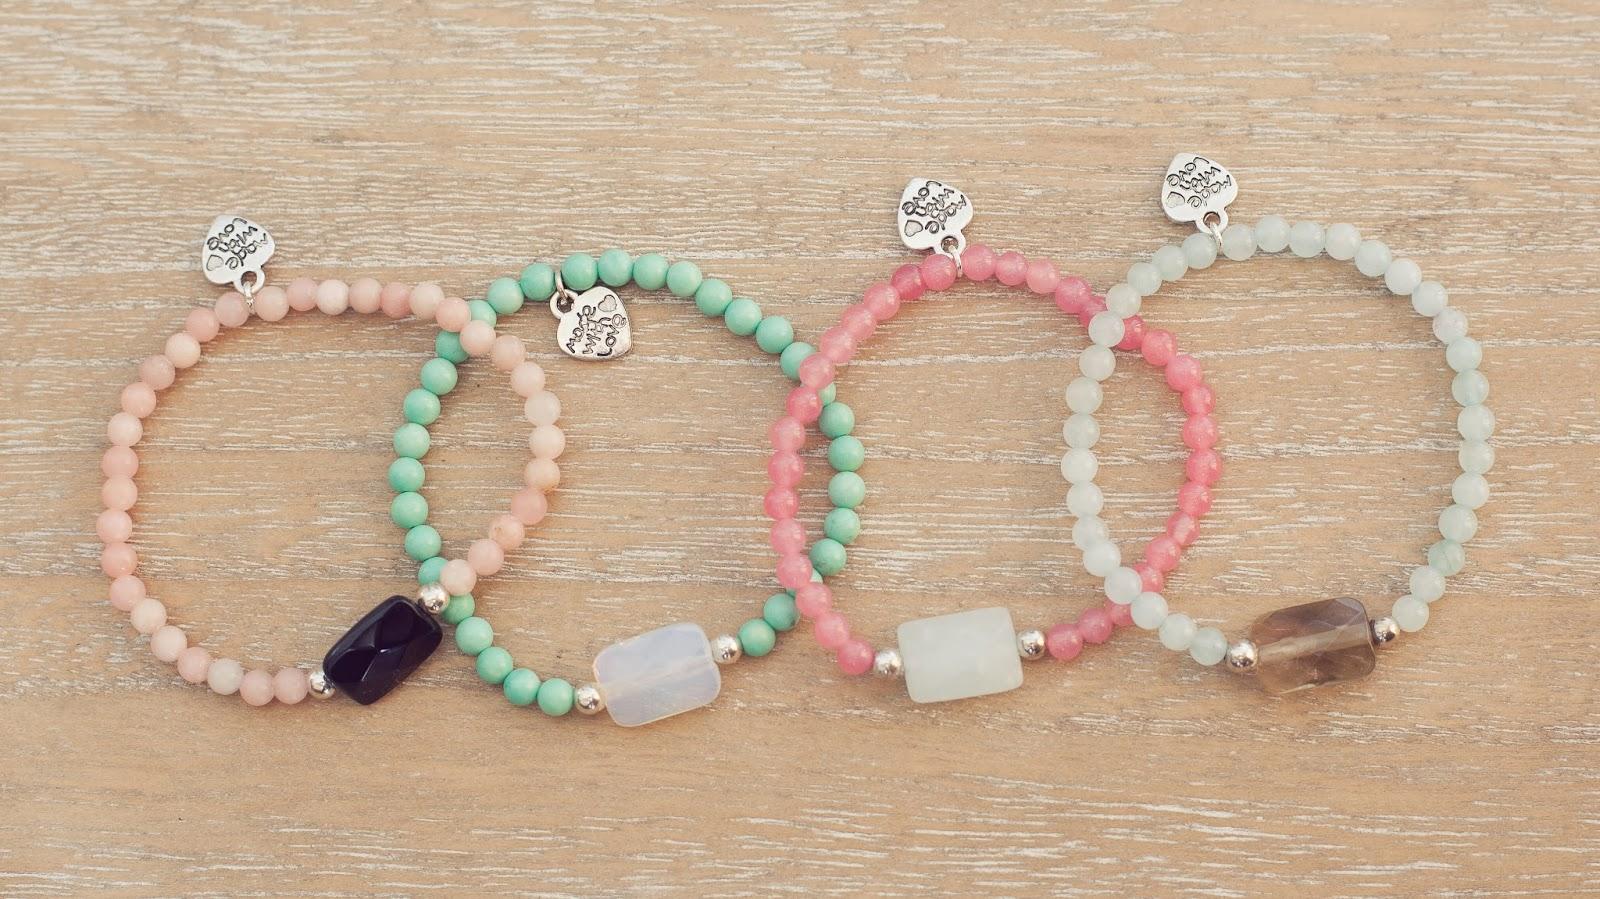 Pulseras de piedras y plata opalo, onix, jade, piedra luna, cuarzo ahumado amazonita